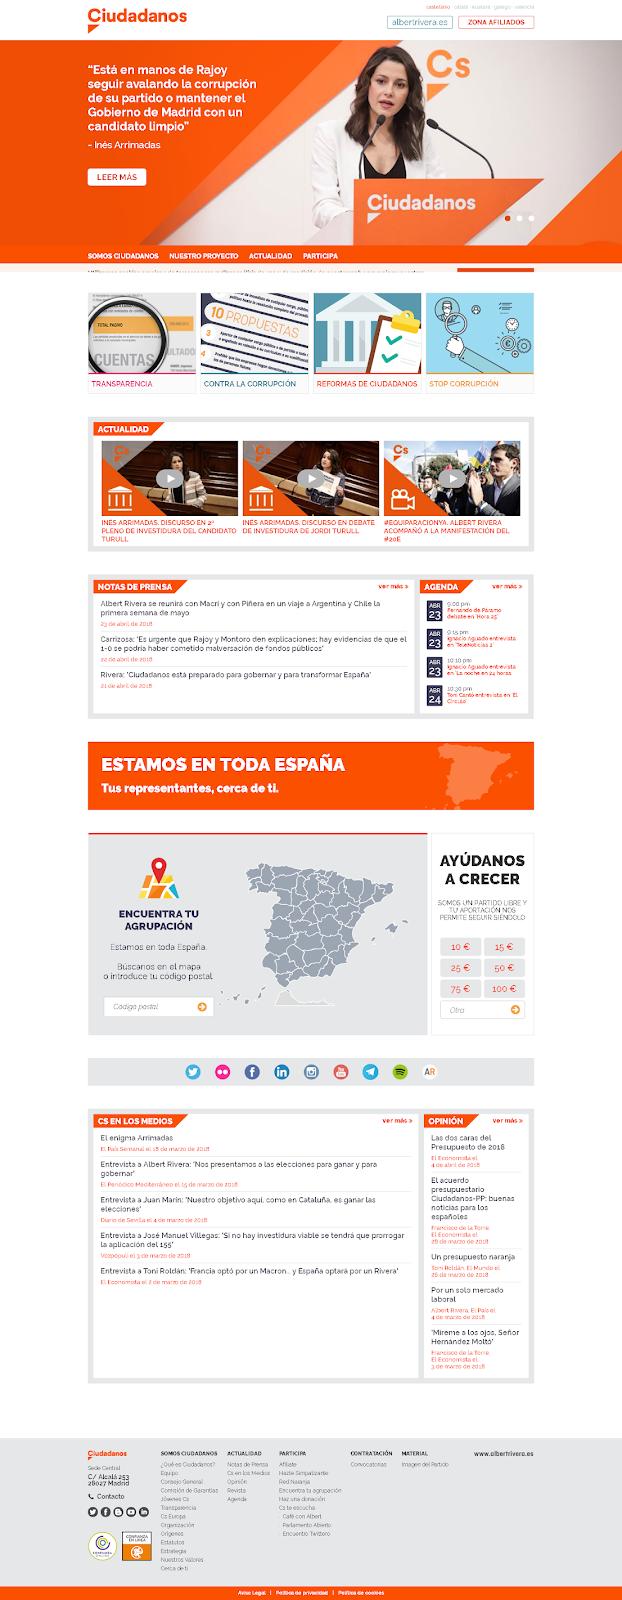 web portada de Ciudadanos